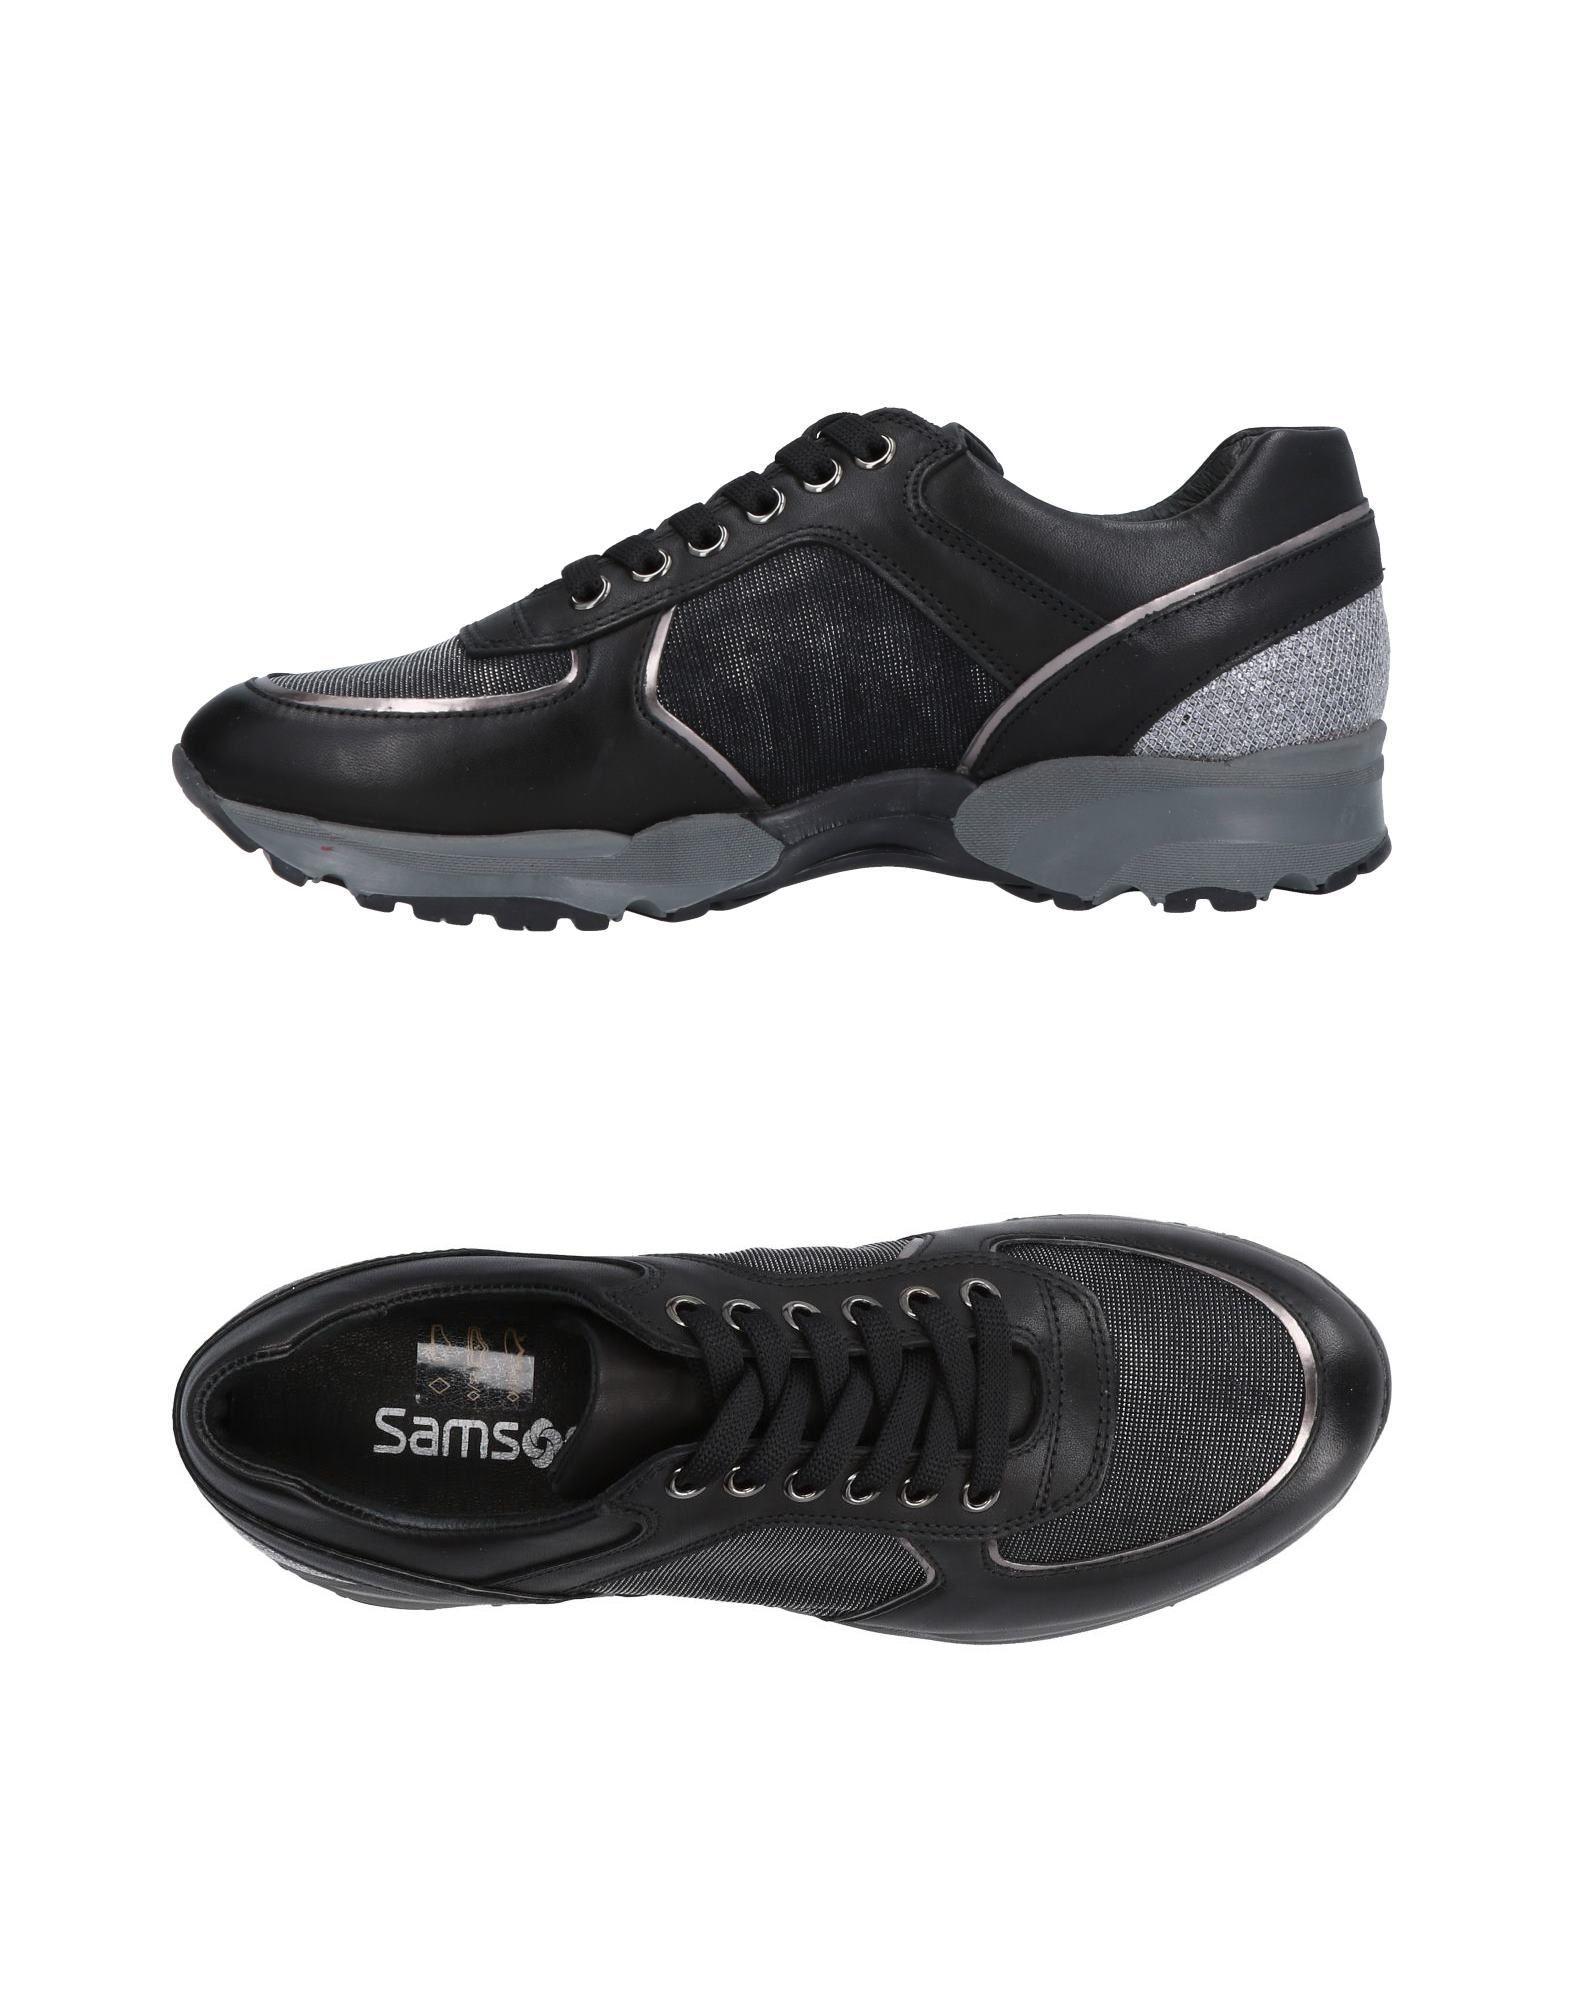 Samsonite Sneakers Damen  11468323KB Gute Qualität beliebte Schuhe